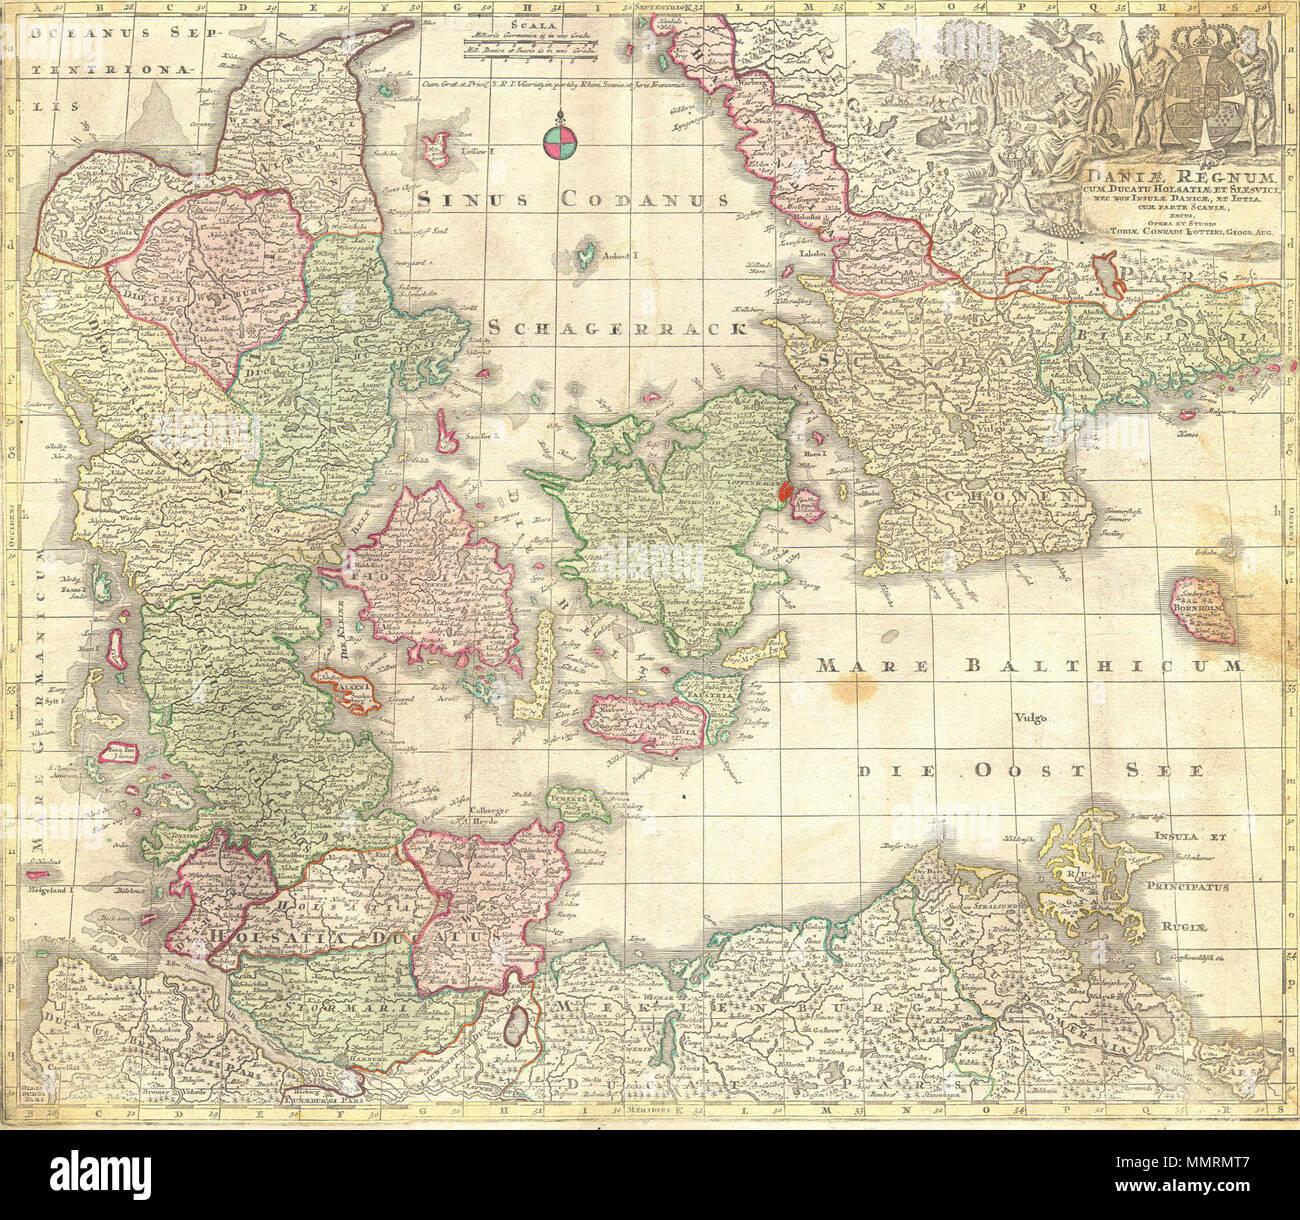 Karte Schweden Dänemark Deutschland.Englisch Das Ist Ein Spektakuläres Und 1770 Lotter Karte Des